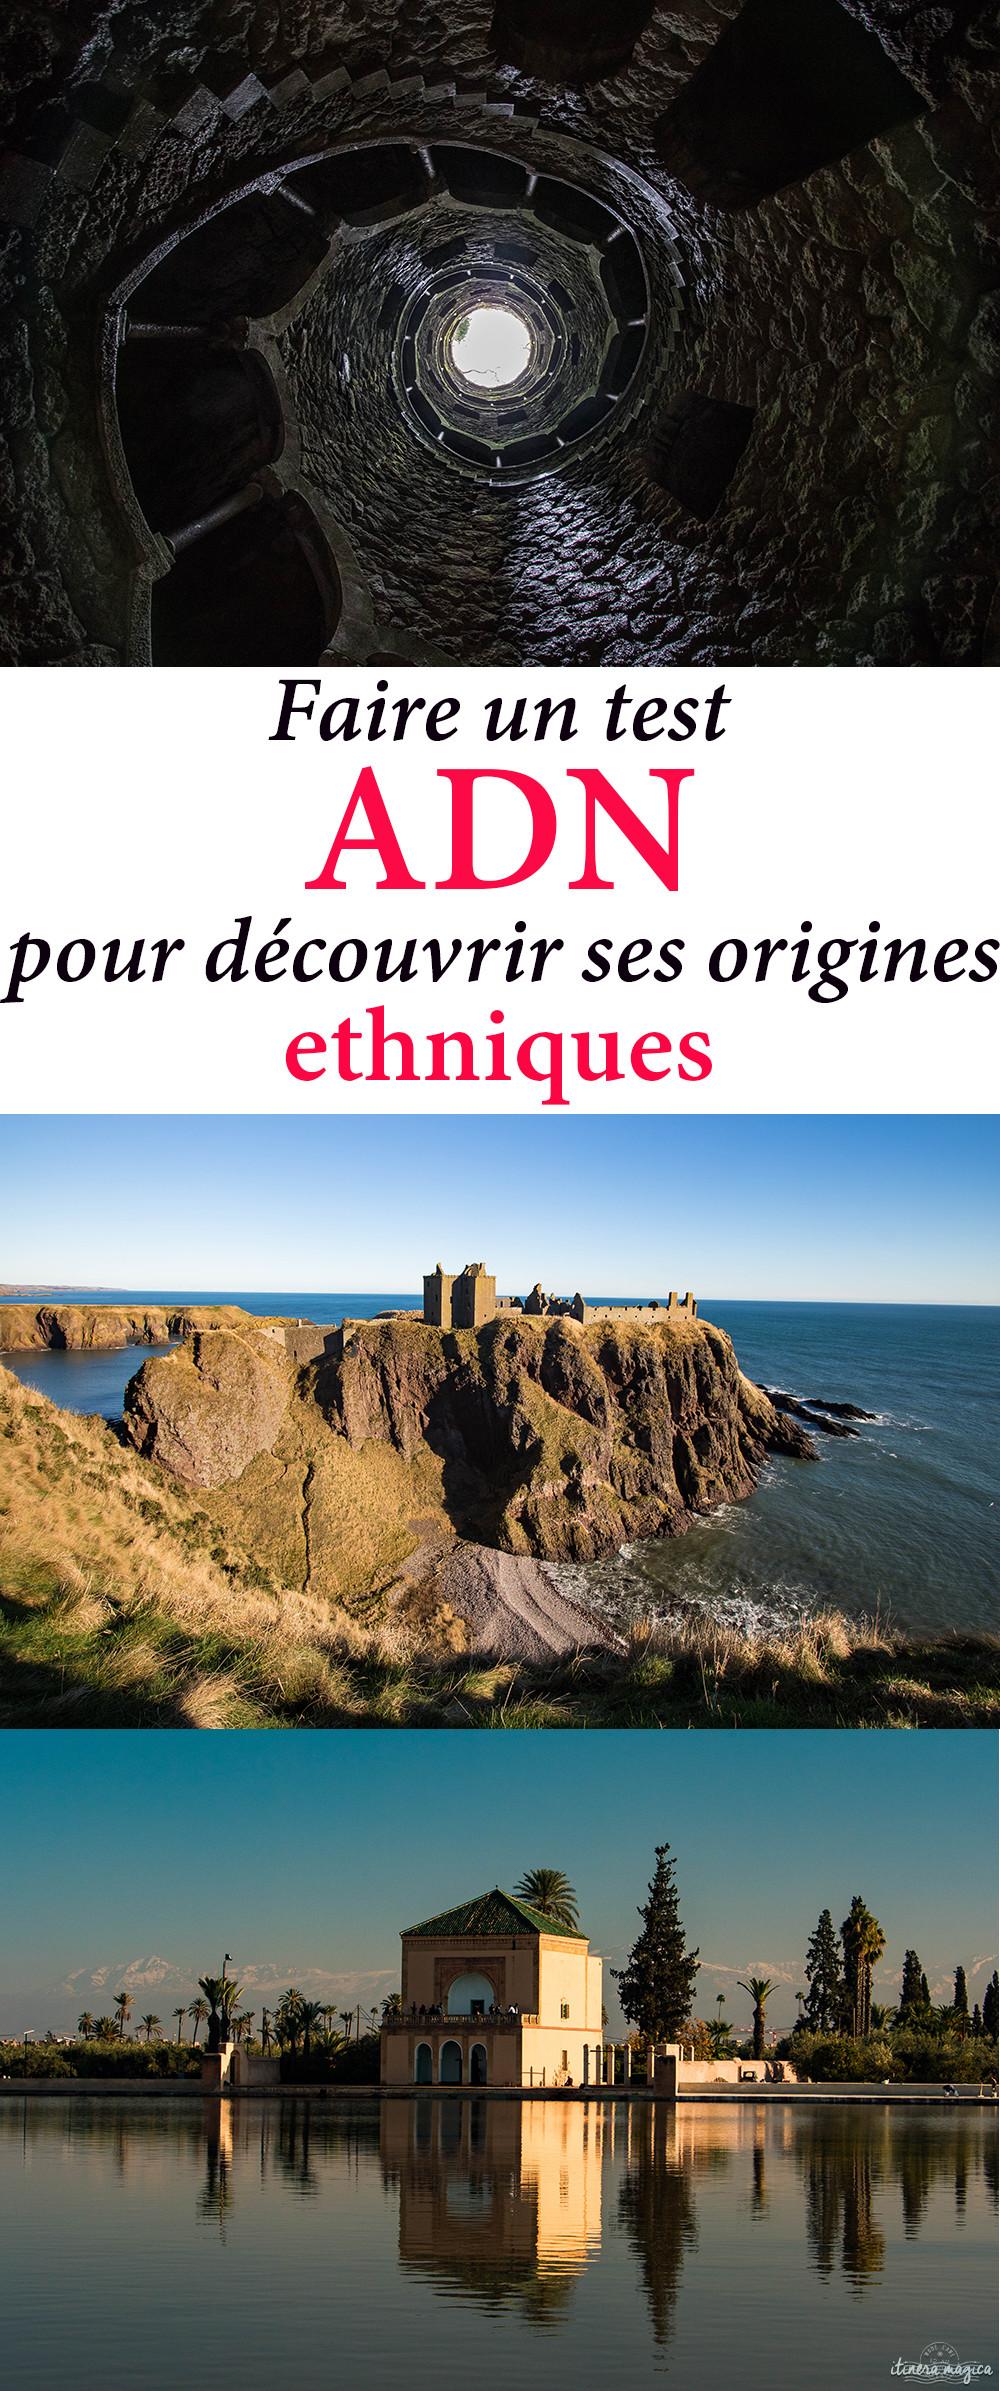 Faire un test ADN pour découvrir ses origines ethniques : j'ai testé. #ADN #voyage #origines